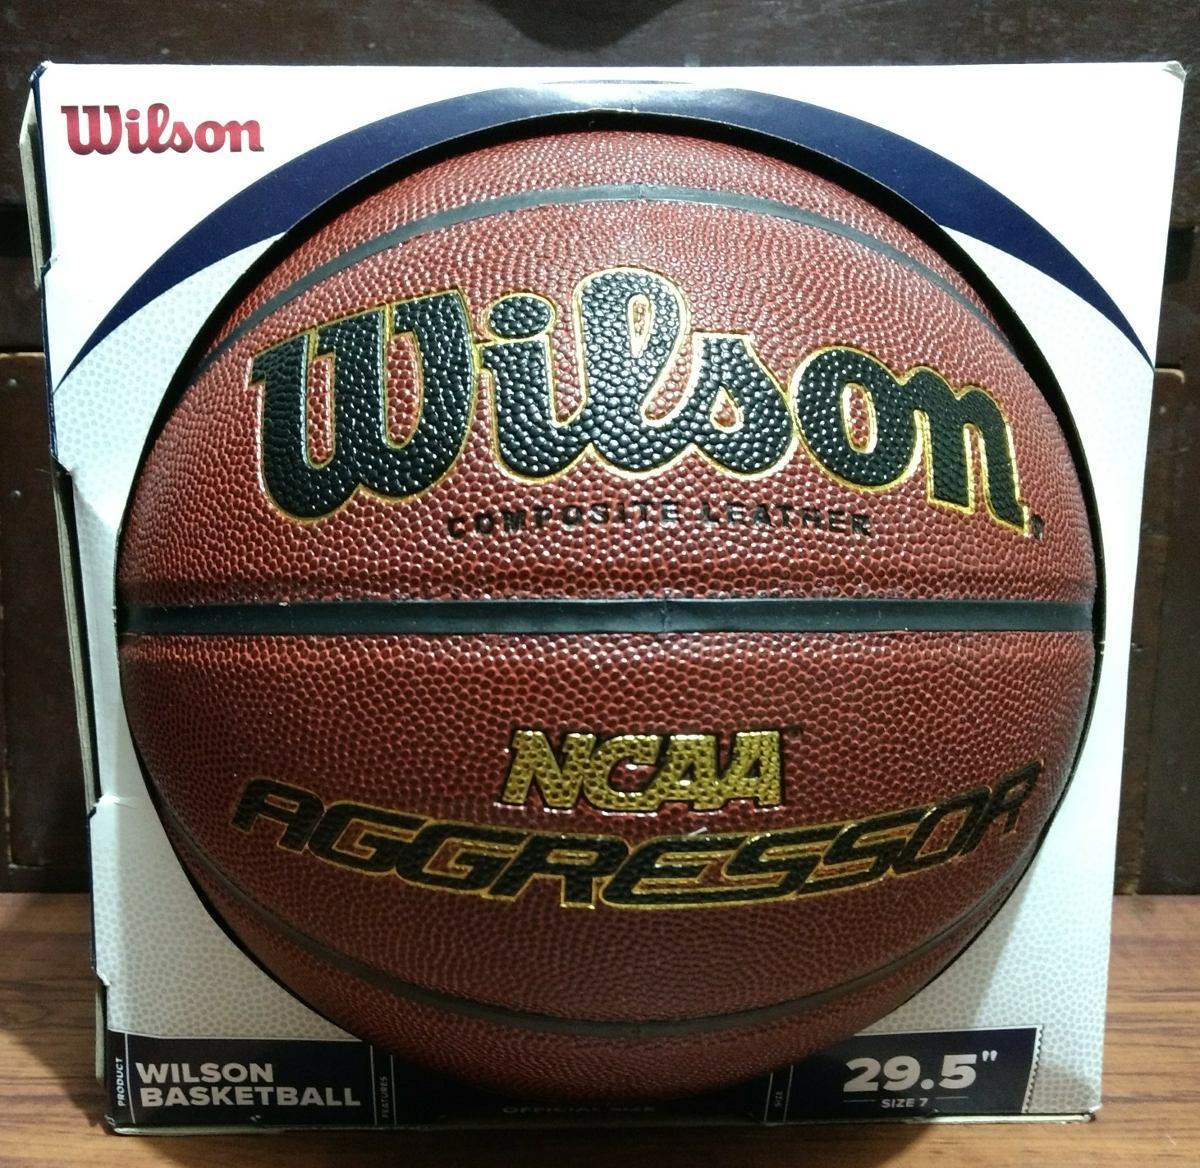 a2ffcb3e08 Balon Basquetbol Wilson Agressor #7 Ncaa - $ 400.00 en Mercado Libre